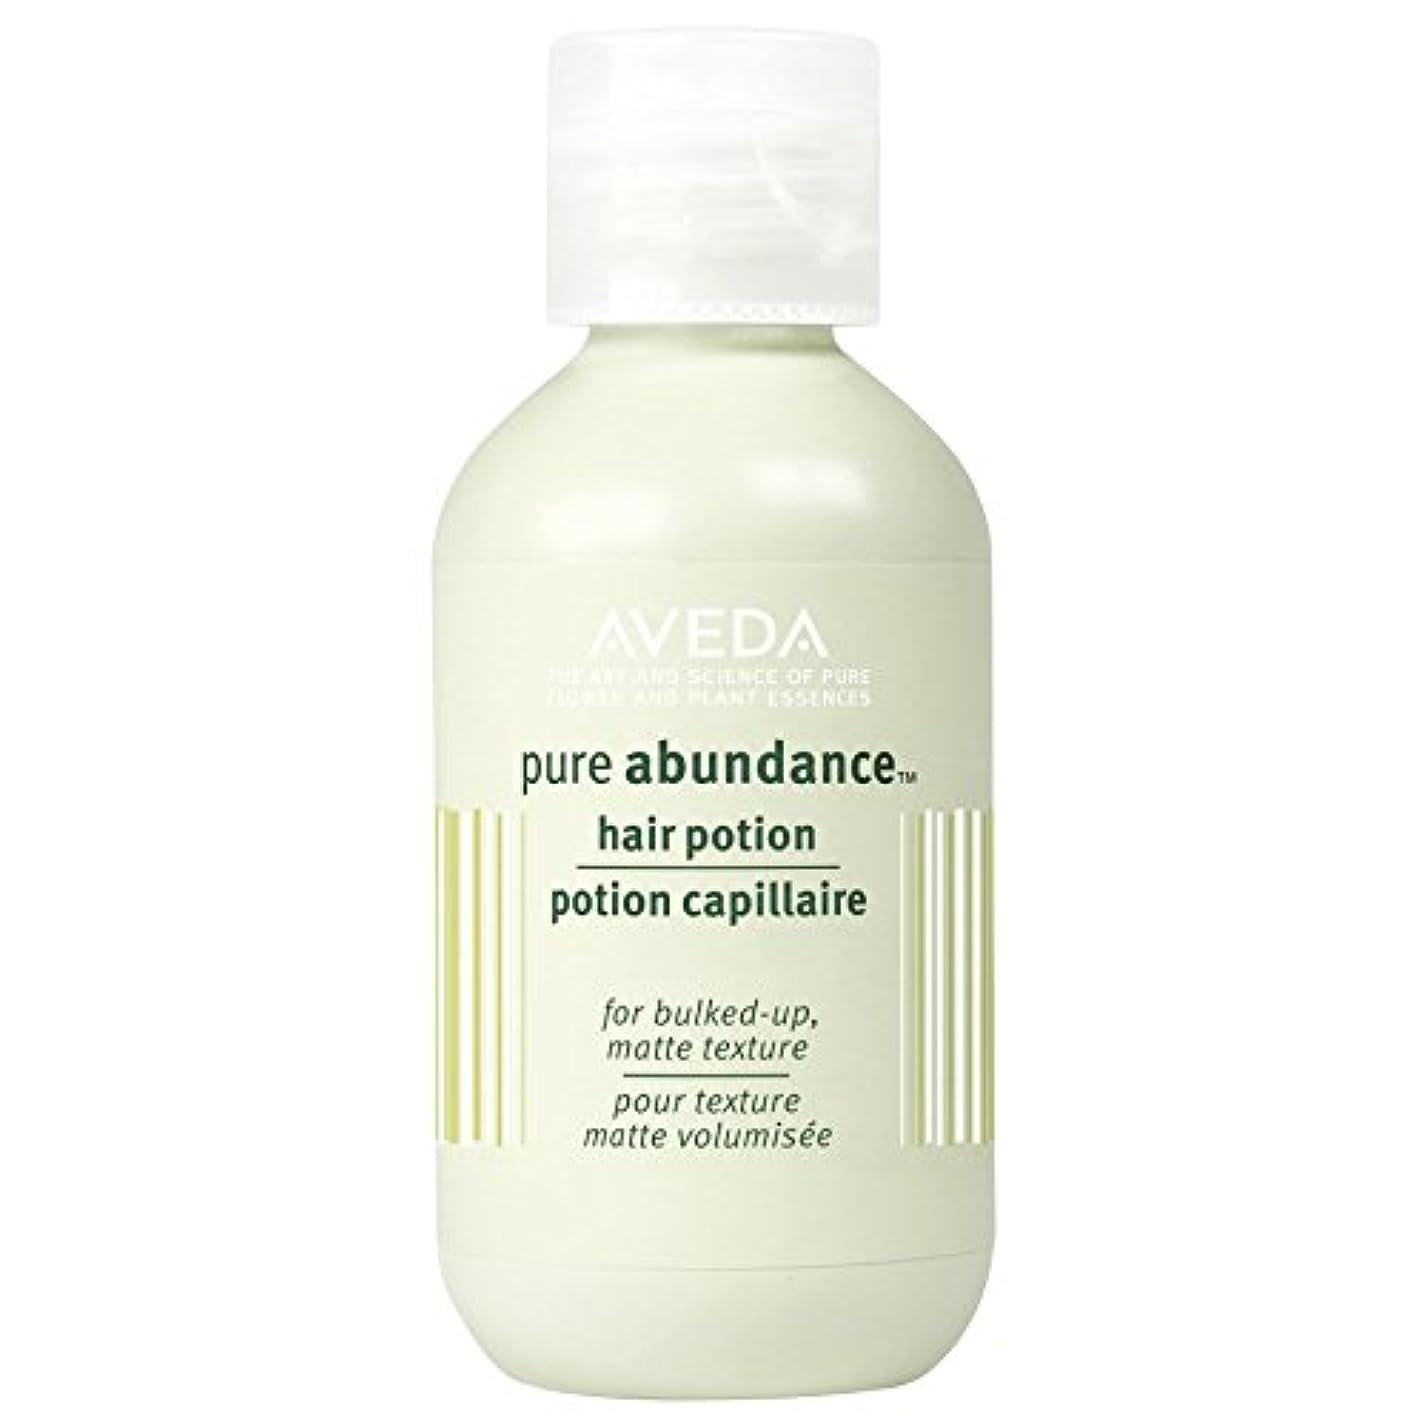 にやにやボタン依存する[AVEDA] アヴェダピュア豊富ヘアポーション20グラム - Aveda Pure Abundance Hair Potion 20g [並行輸入品]